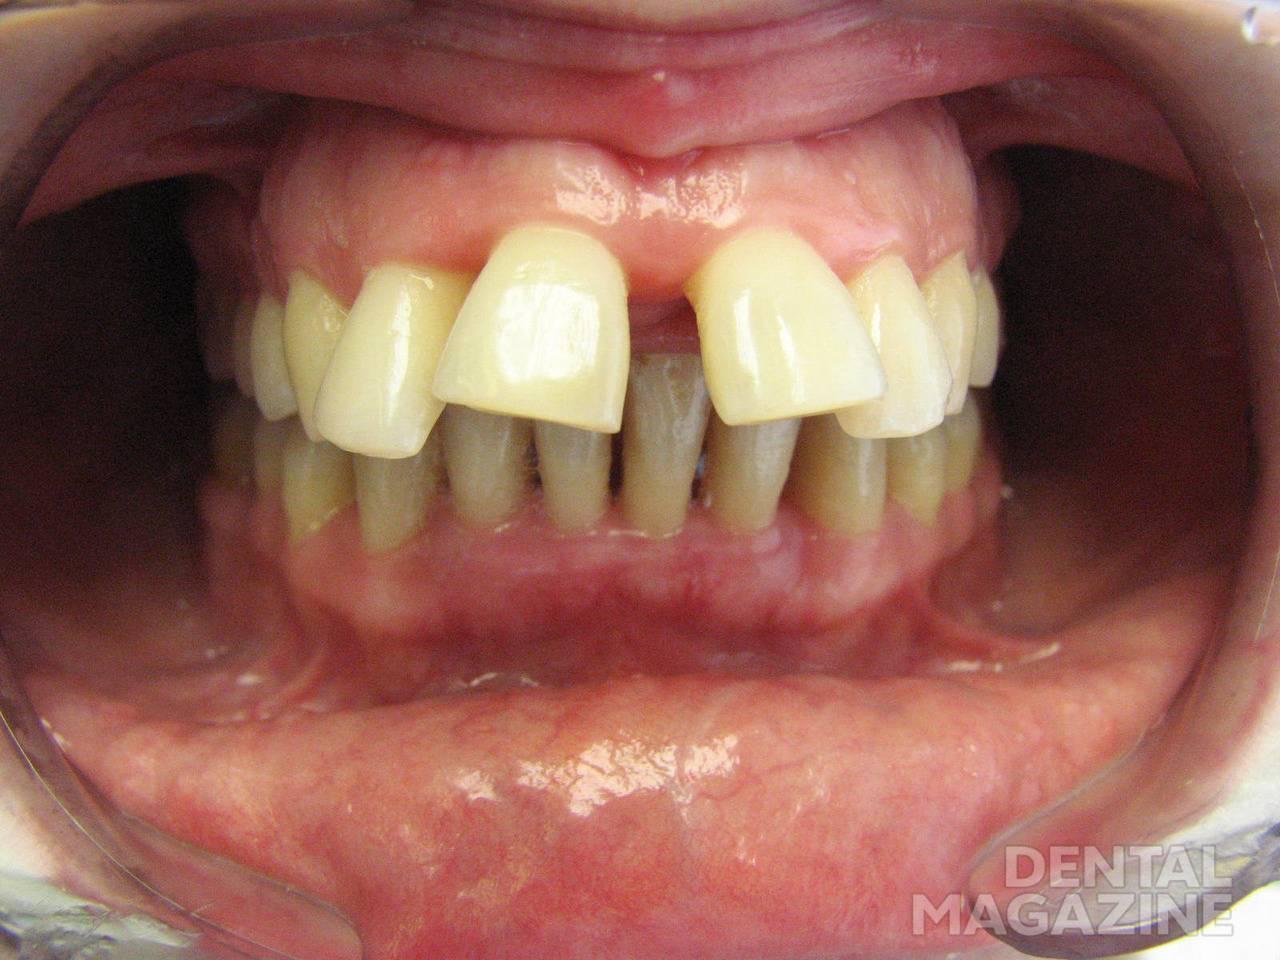 Рис. 7. Агрессивный пародонтит у пациентки 22 лет, выраженная протрузия передней группы зубов на верхней челюсти.